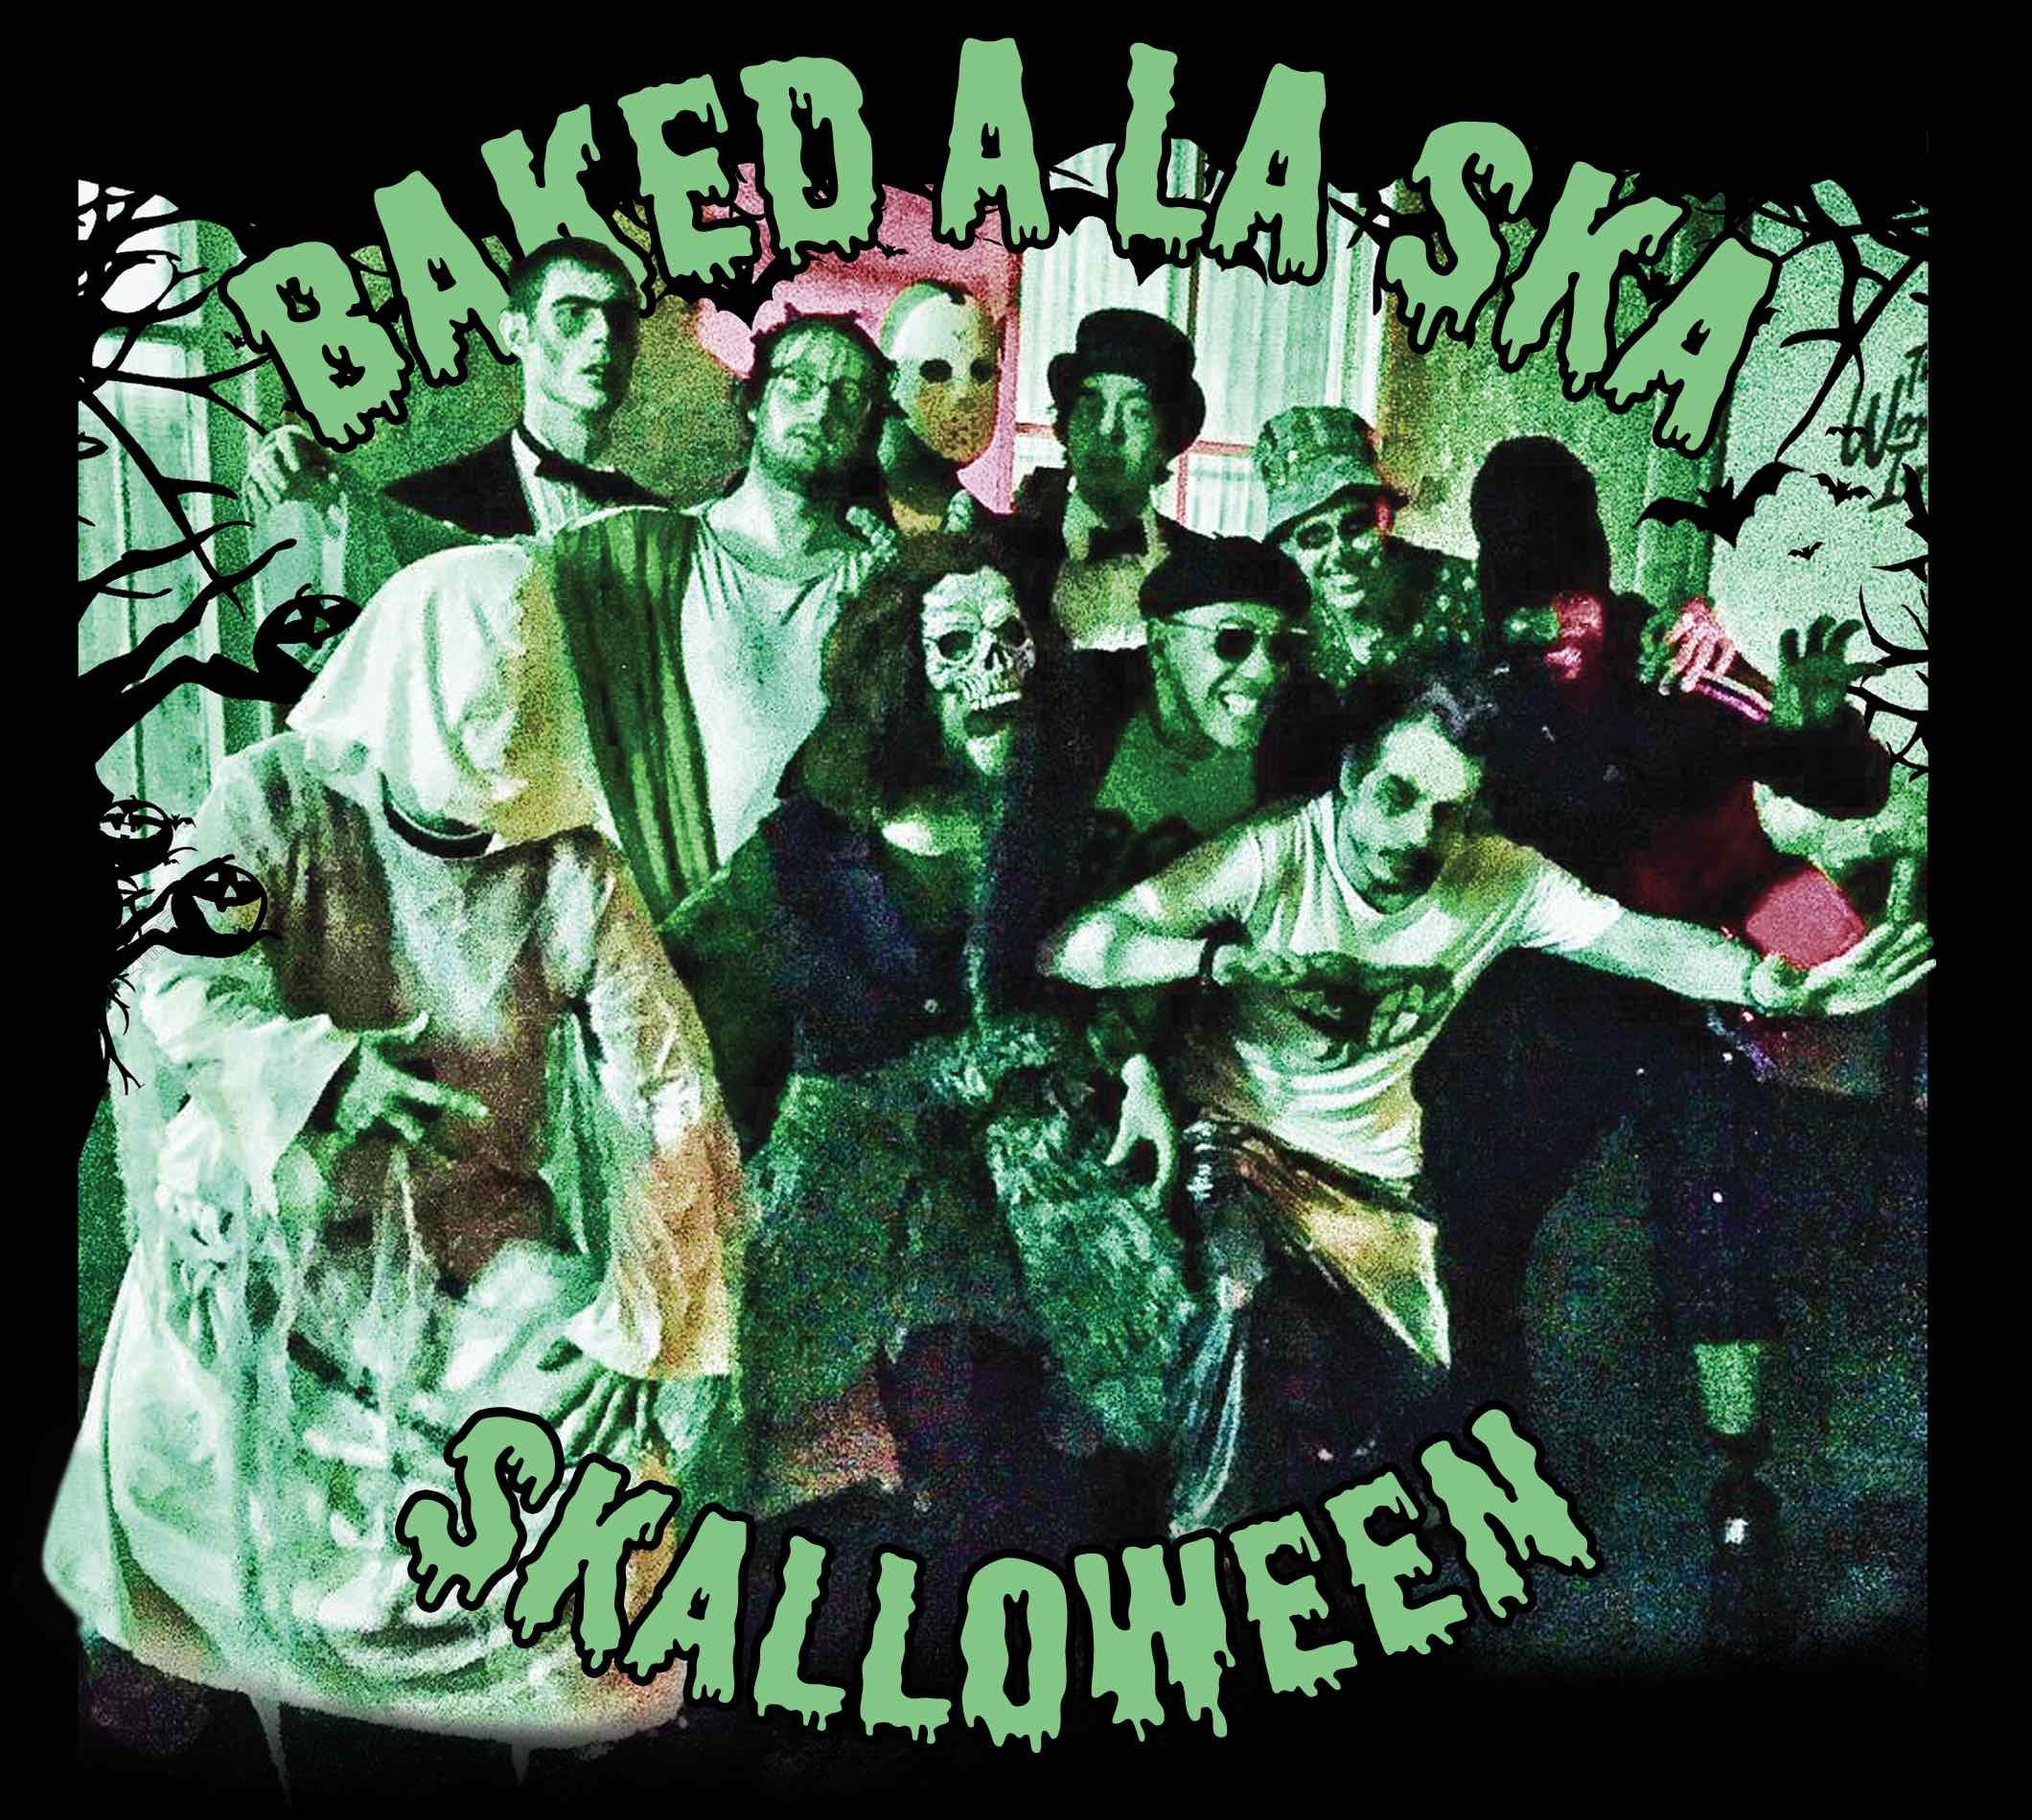 Skalloween Cover Image